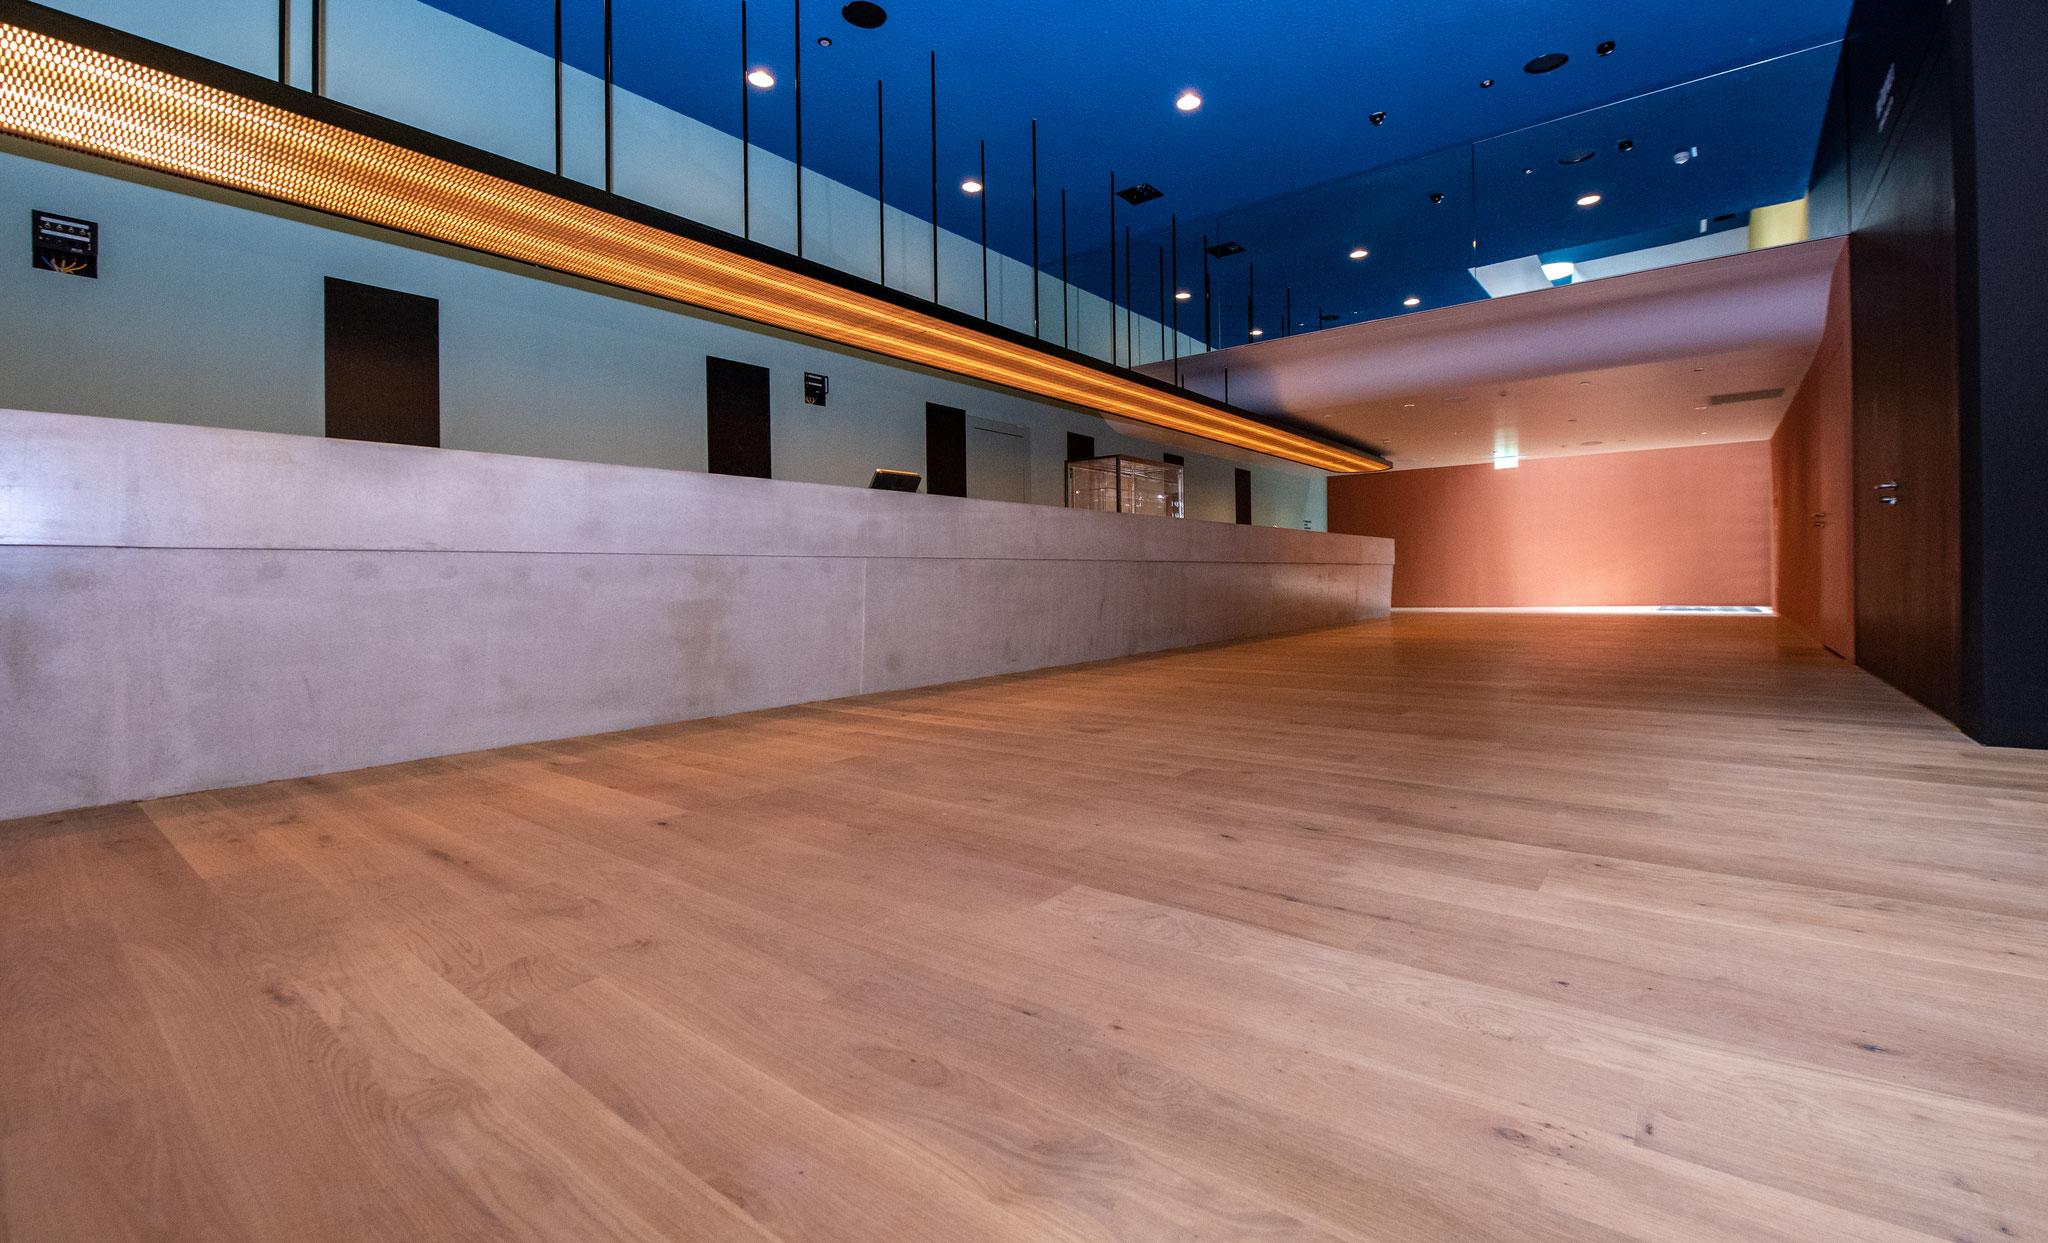 Flur und Eingangsbereiche mit 1800 qm in Eiche Massivdiele geölt